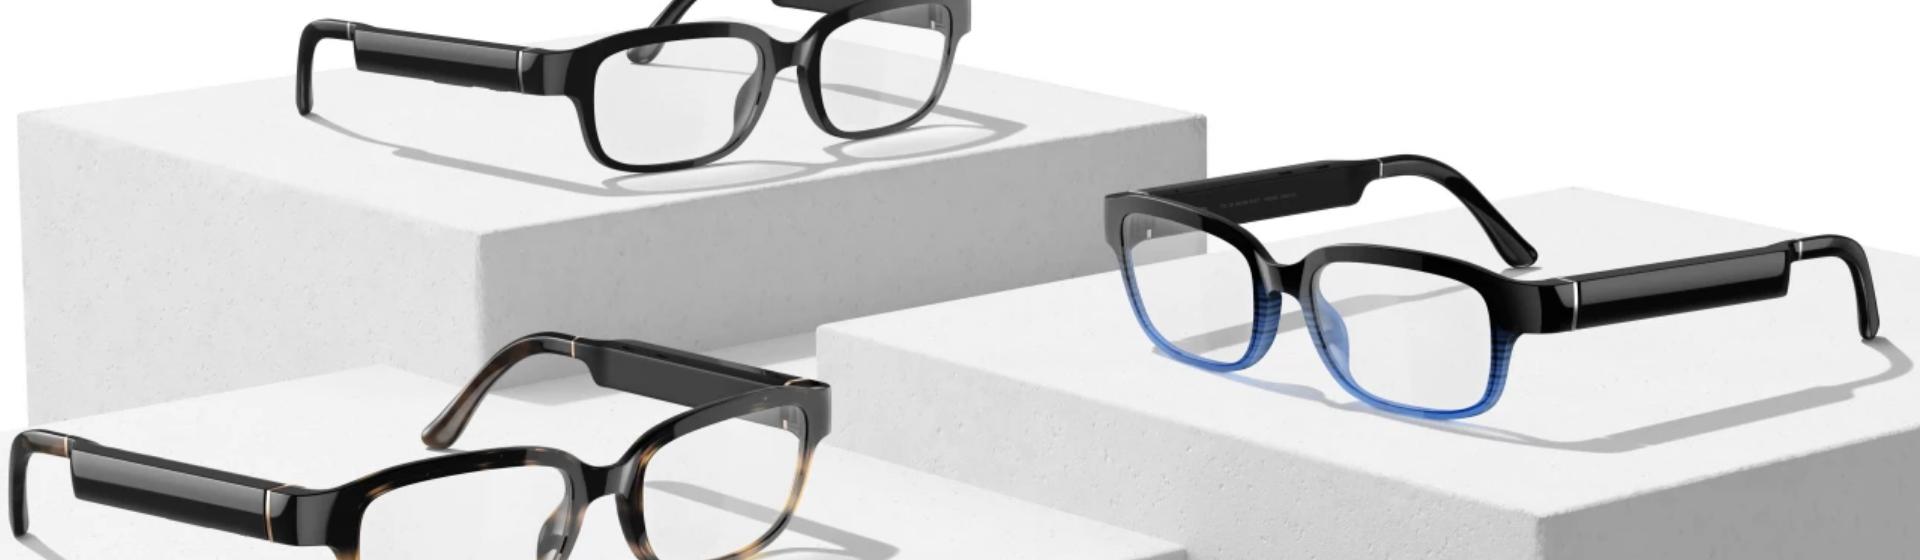 Echo Frames, óculos inteligentes da Amazon, chegam com suporte à Alexa